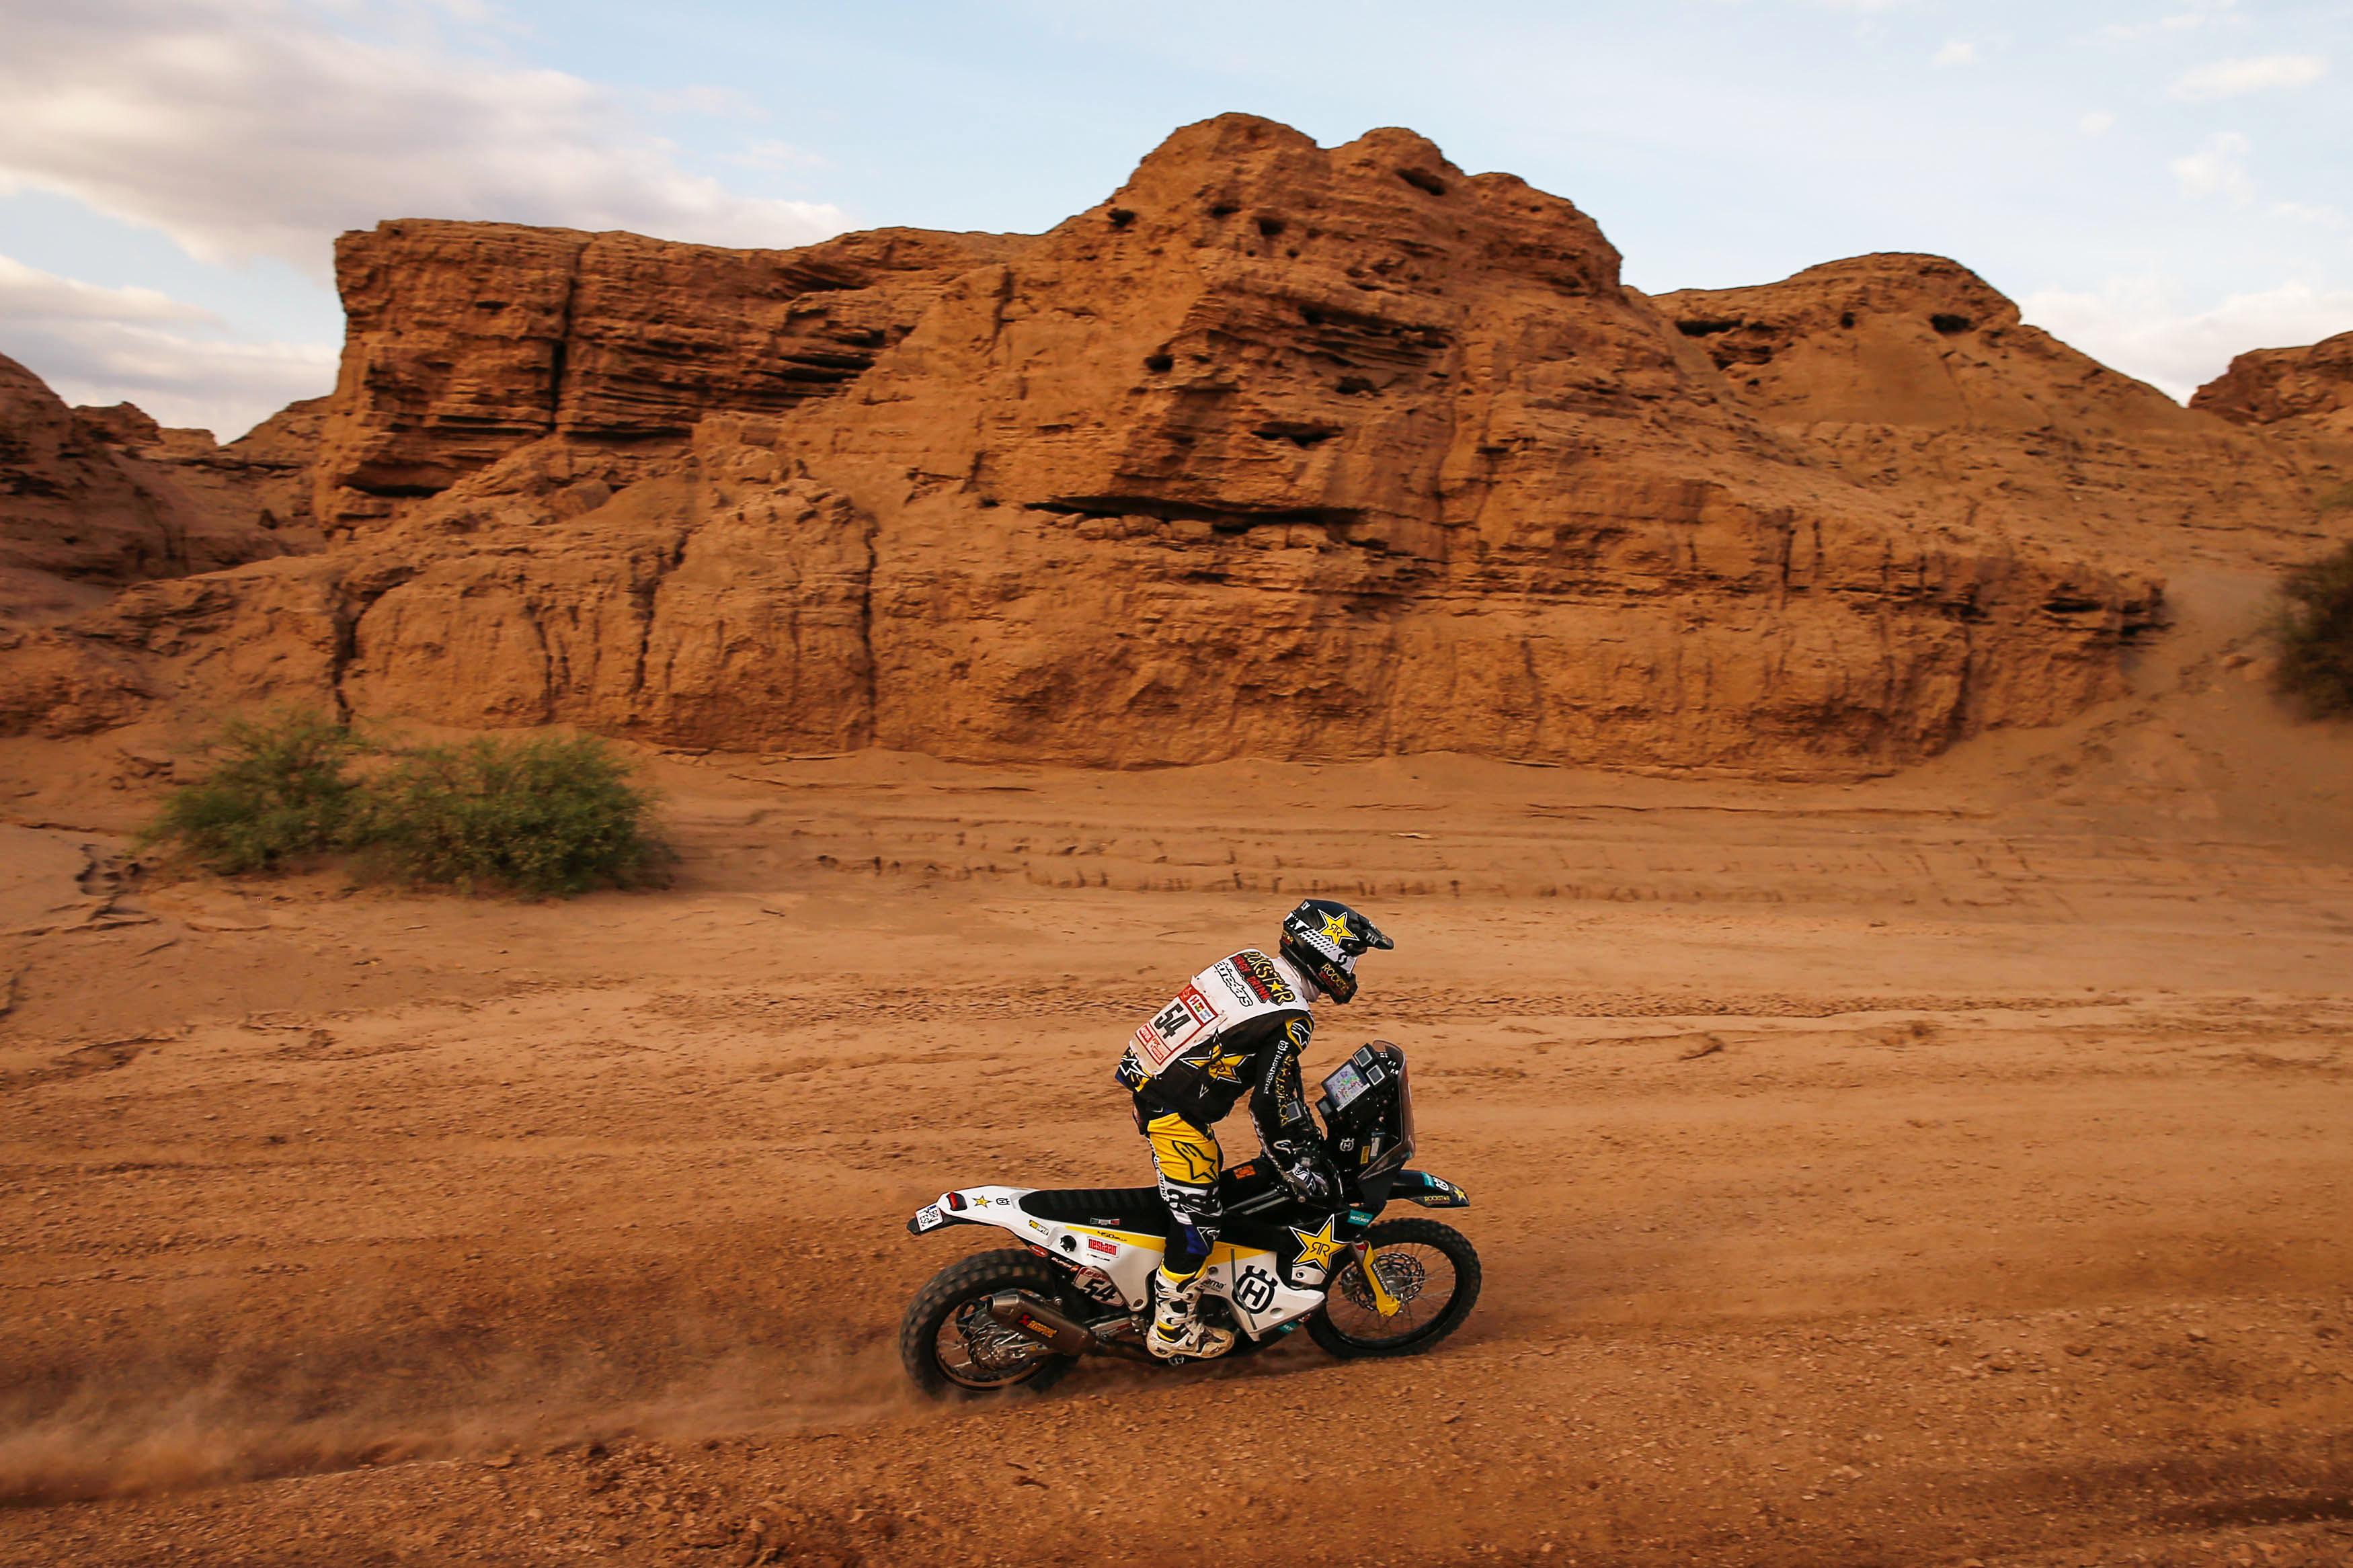 Andrew Short – Rockstar Energy Husqvarna Factory Racing - Dakar Rally